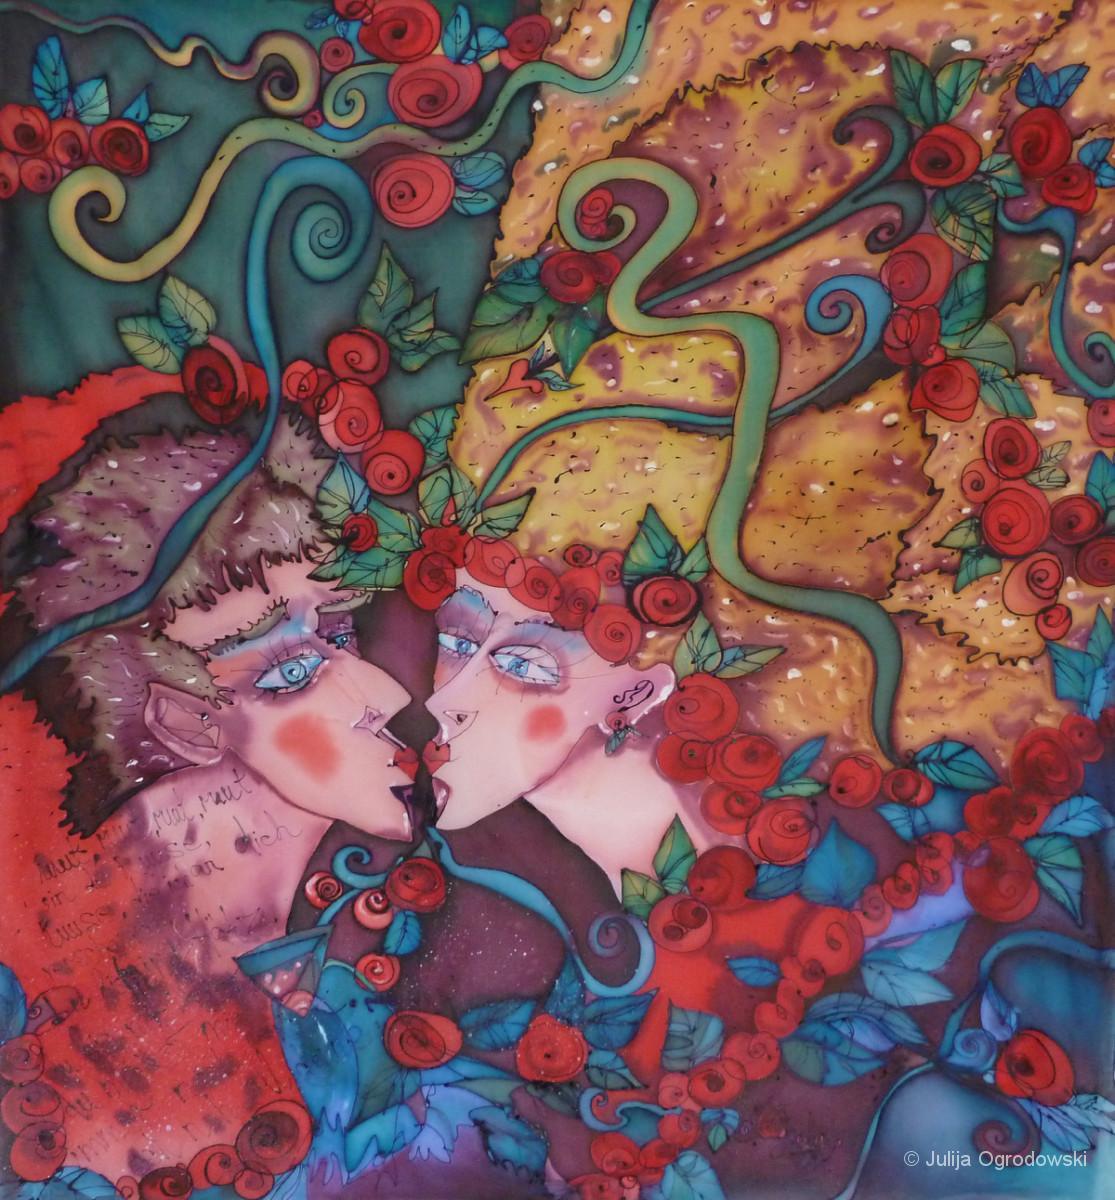 Rot sind die Rosen - Julija Ogrodowski